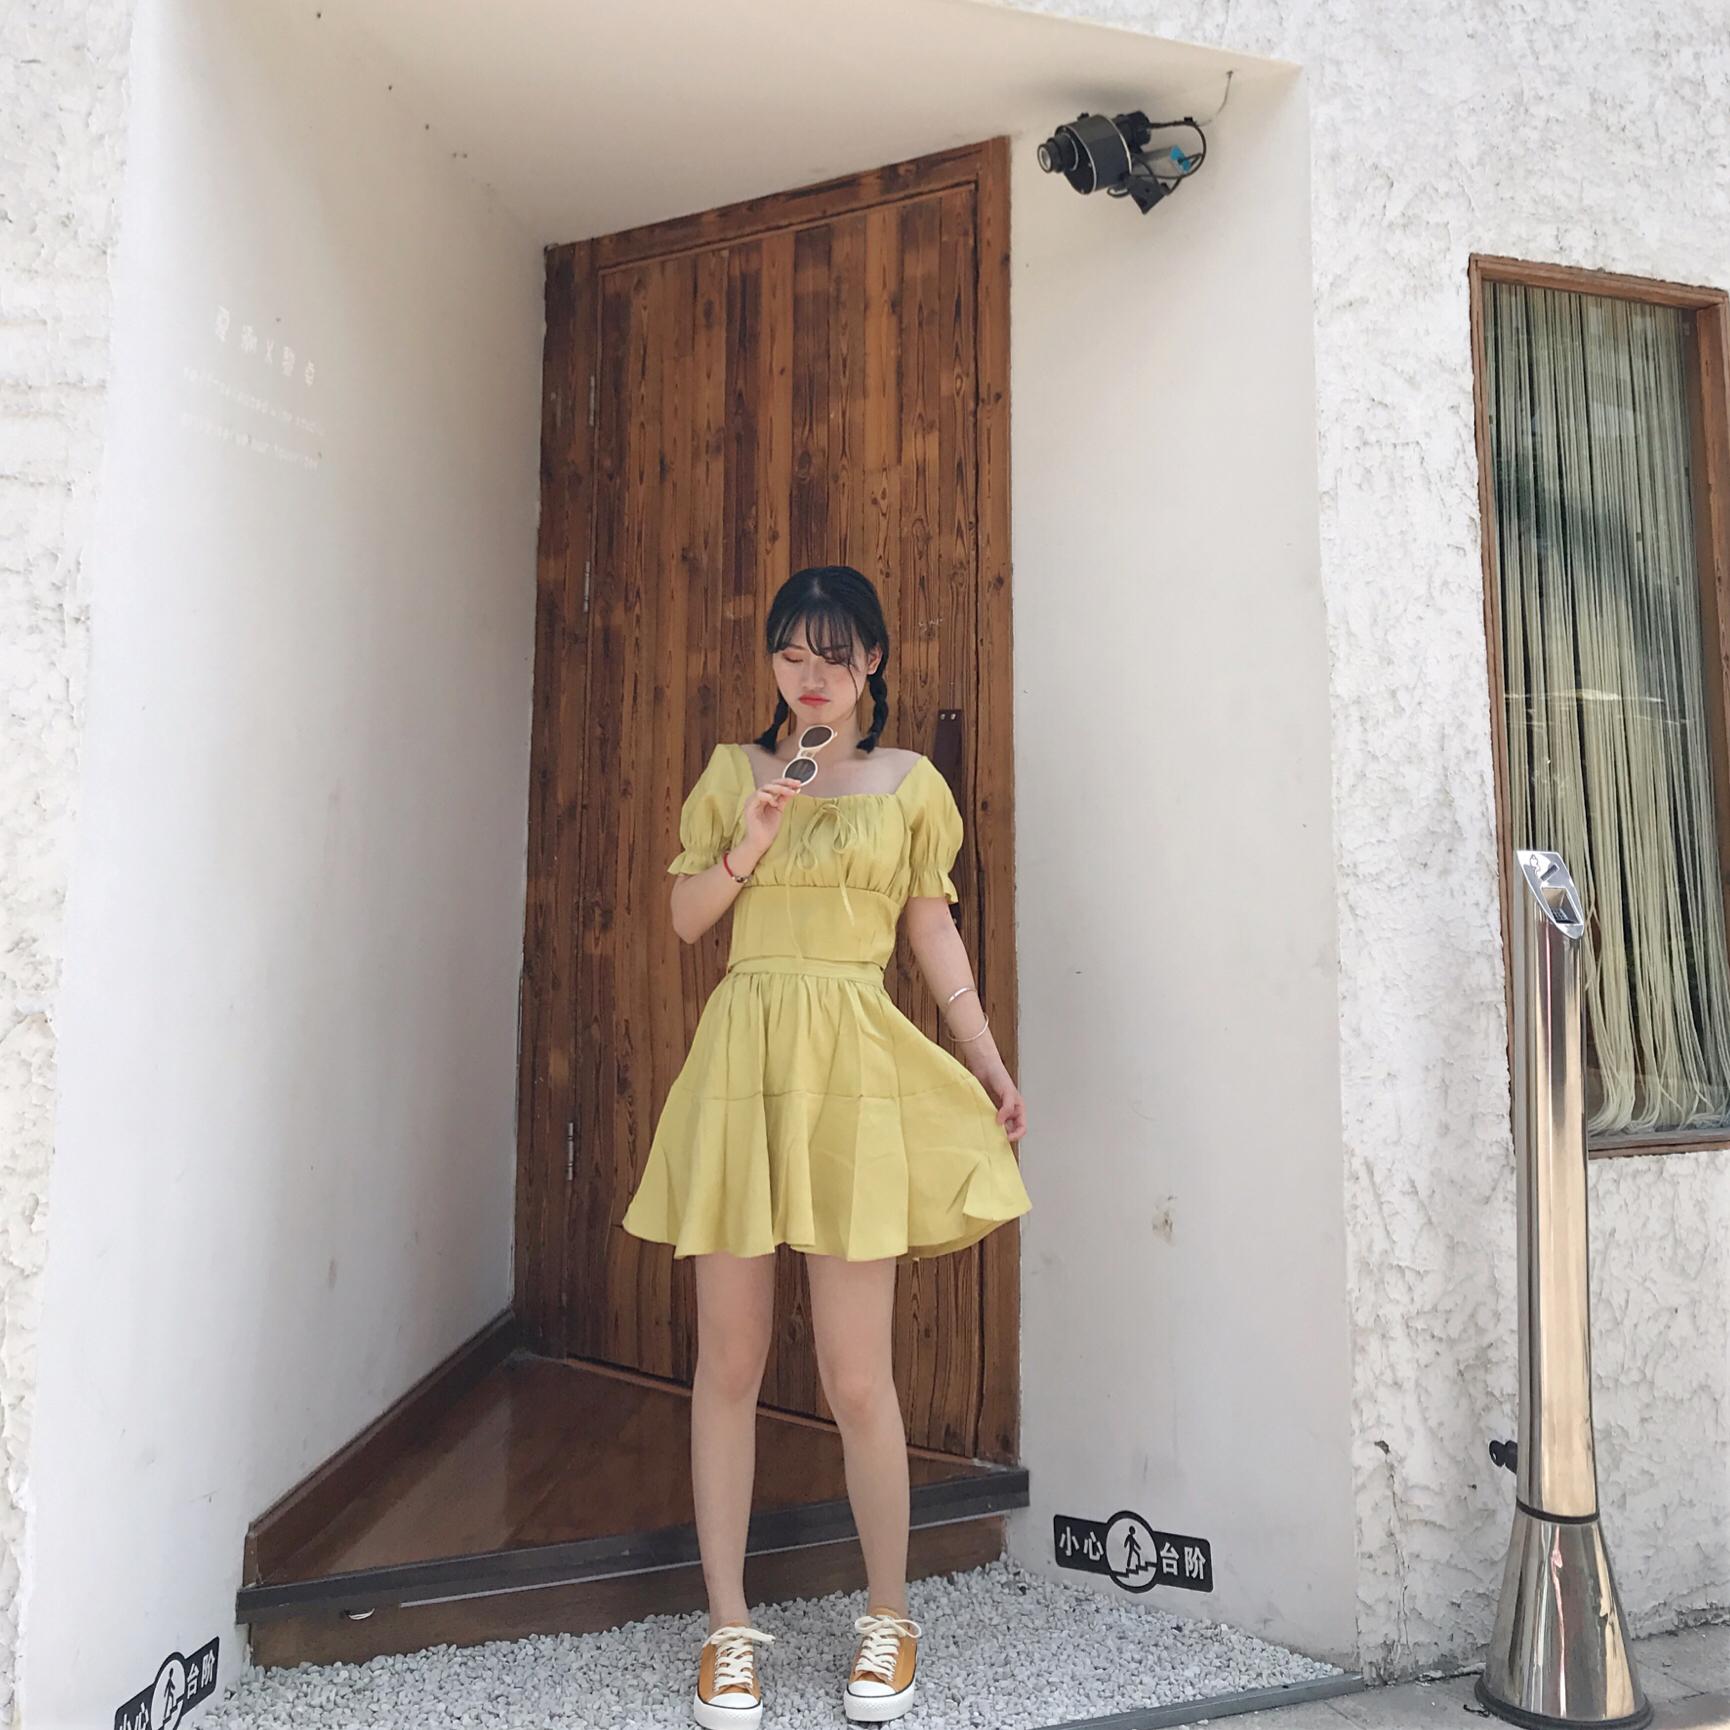 #小黑妹显白自救攻略#好久不见 又来分享穿搭了~最近超愛这种元气少女风格 明黄色也是特别显白哦 ~ 上衣也是短款很适合矮个子妹子